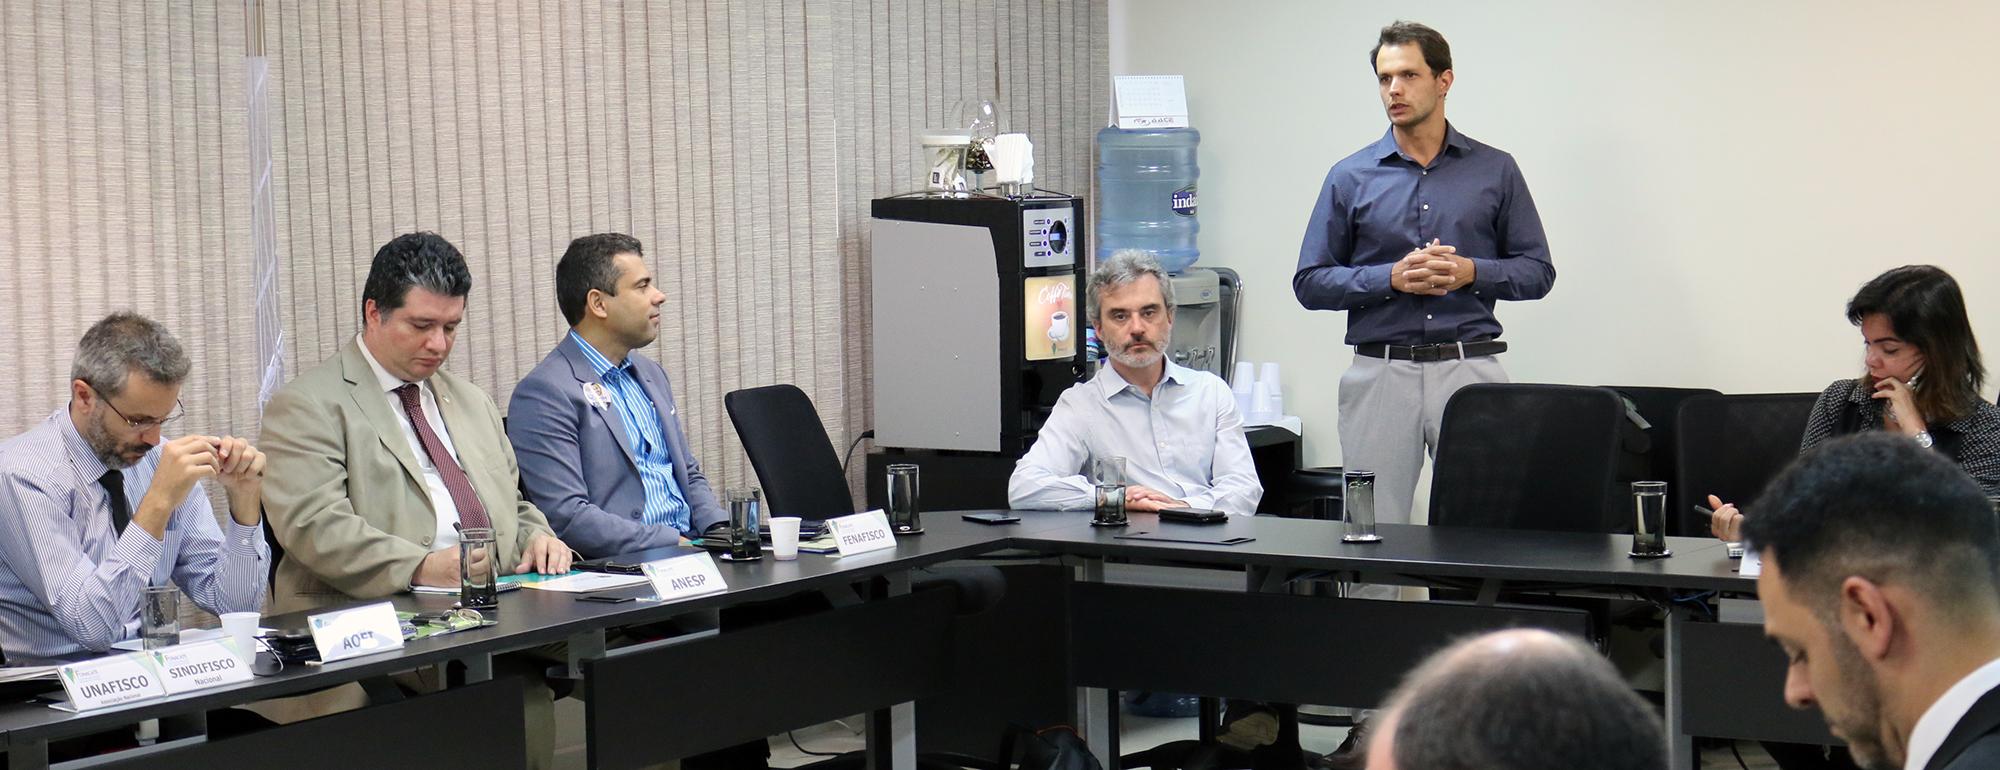 O Presidente em exercício e o Gerente Geral da ANESP, Gustavo Camilo (de terno claro) e Paulo Brunet (em pé), apresentaram o parecer pela aprovação das contas do Fonacate. Foto: Filipe Calmon / ANESP